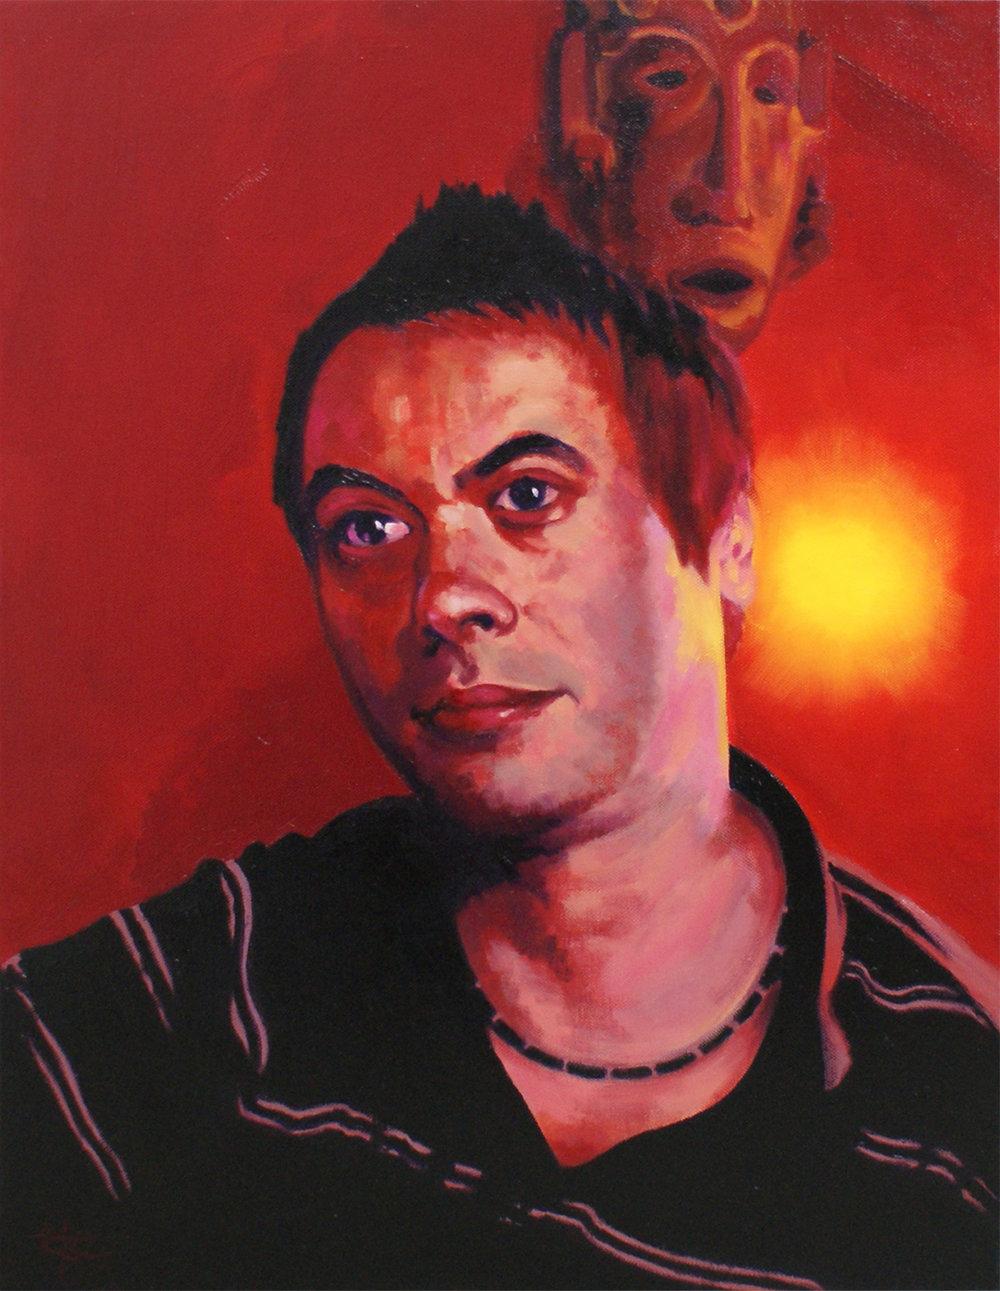 Steve by Rob Lunn